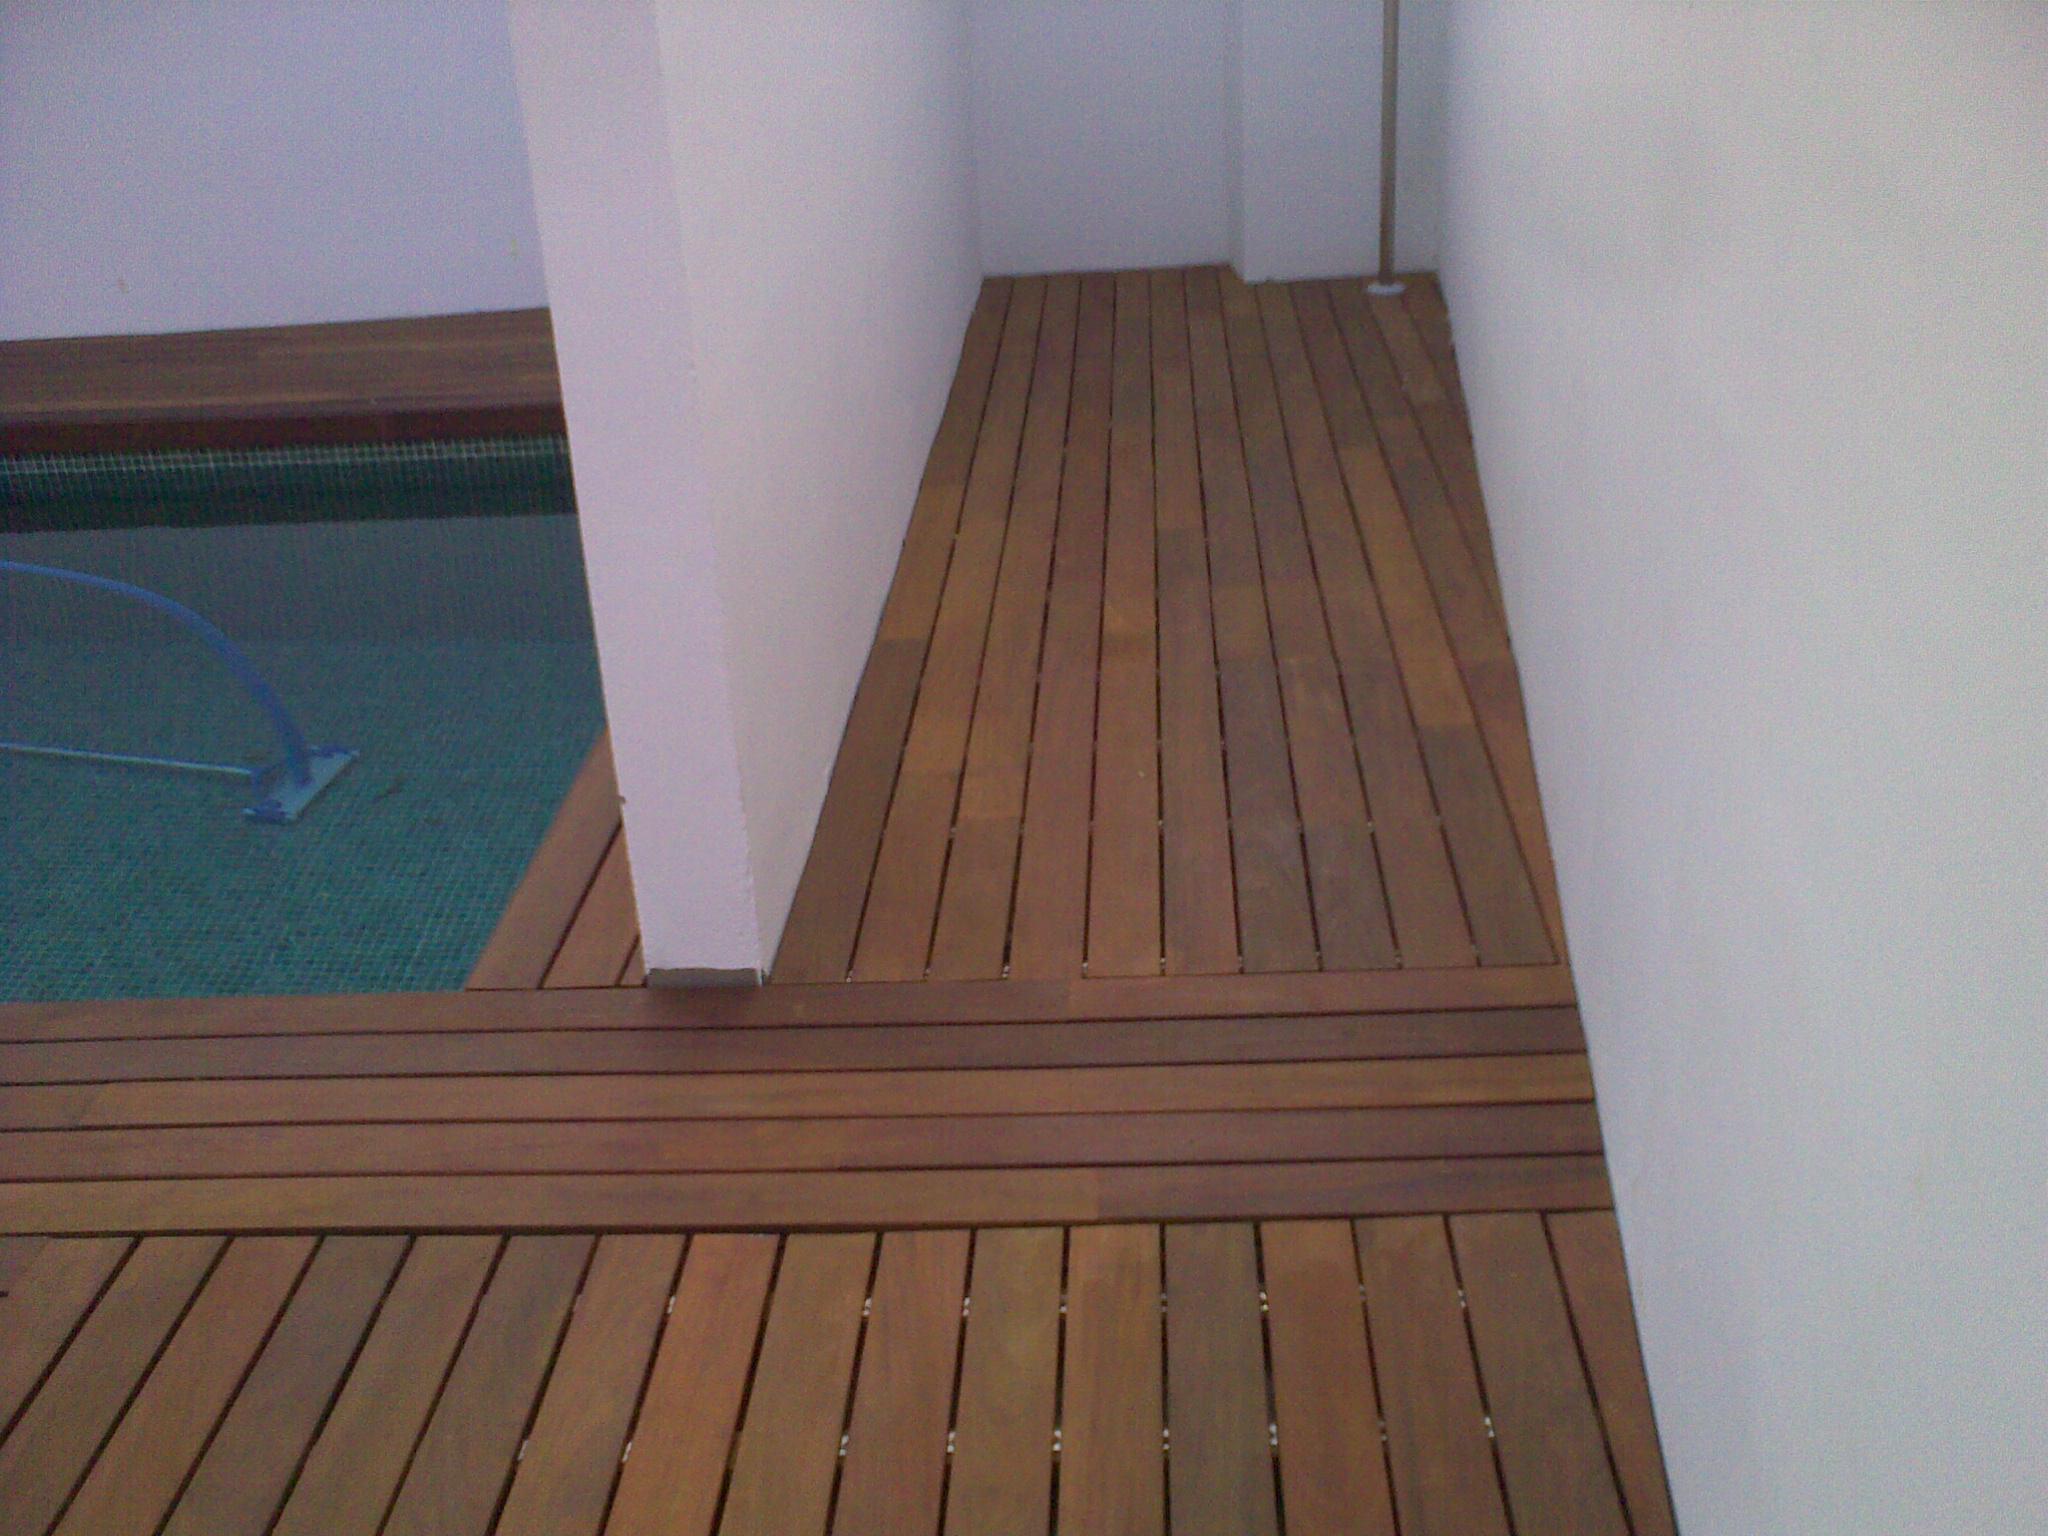 https://topmadera.com/wp-content/uploads/Instalacion-en-piscina-con-tarima-maciza-de-ipe-exterior-en-Aranjuez.jpg